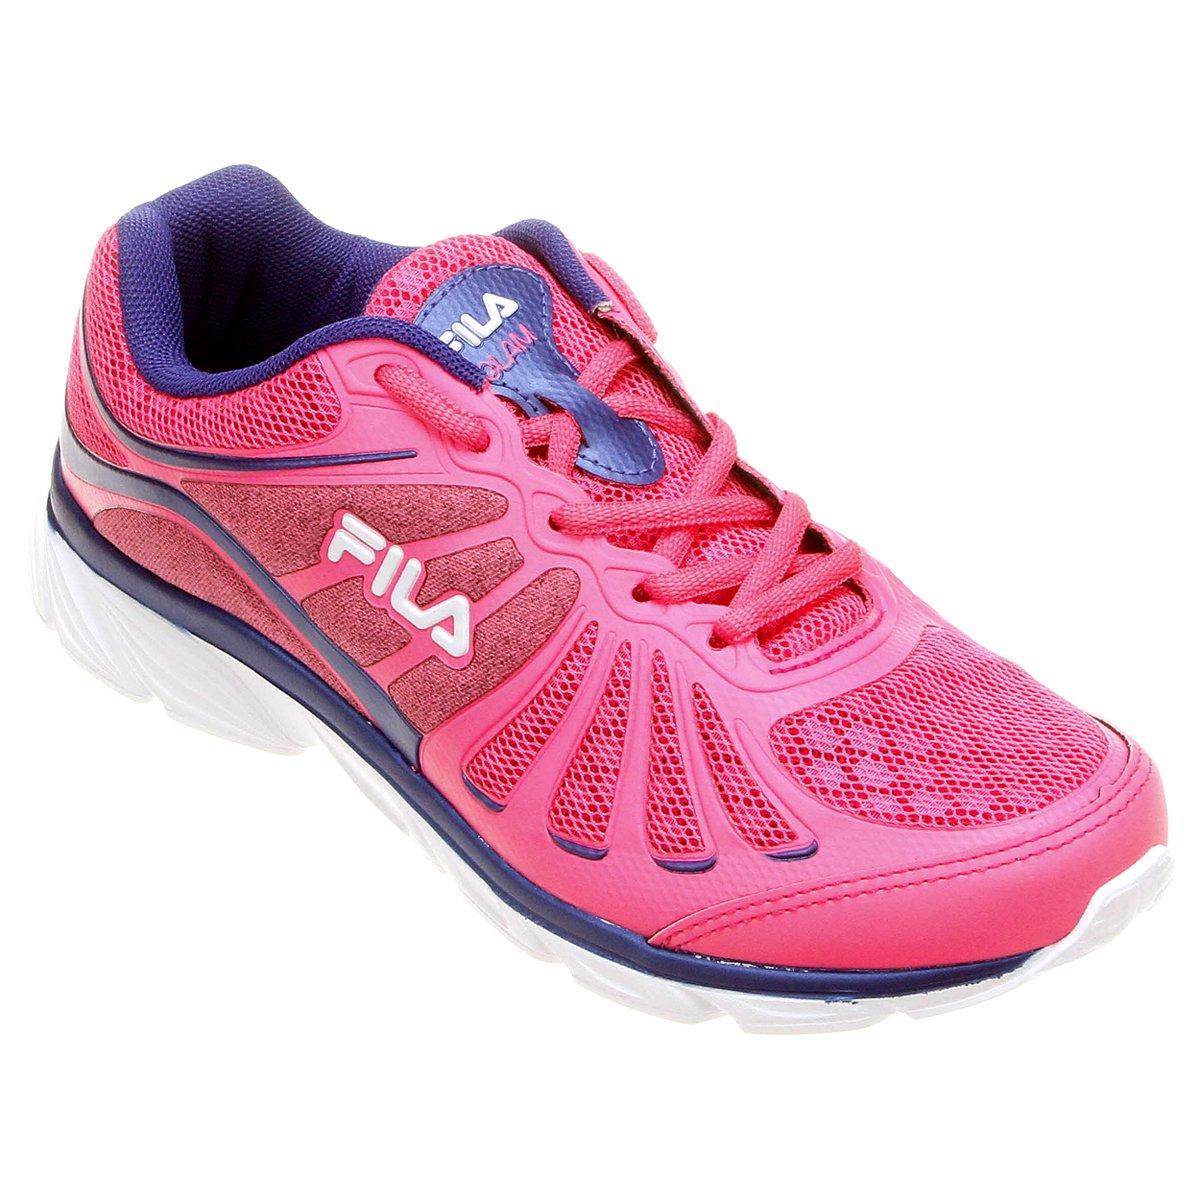 6a393dff0ca Tênis Fila Glam Feminino - Compre Agora